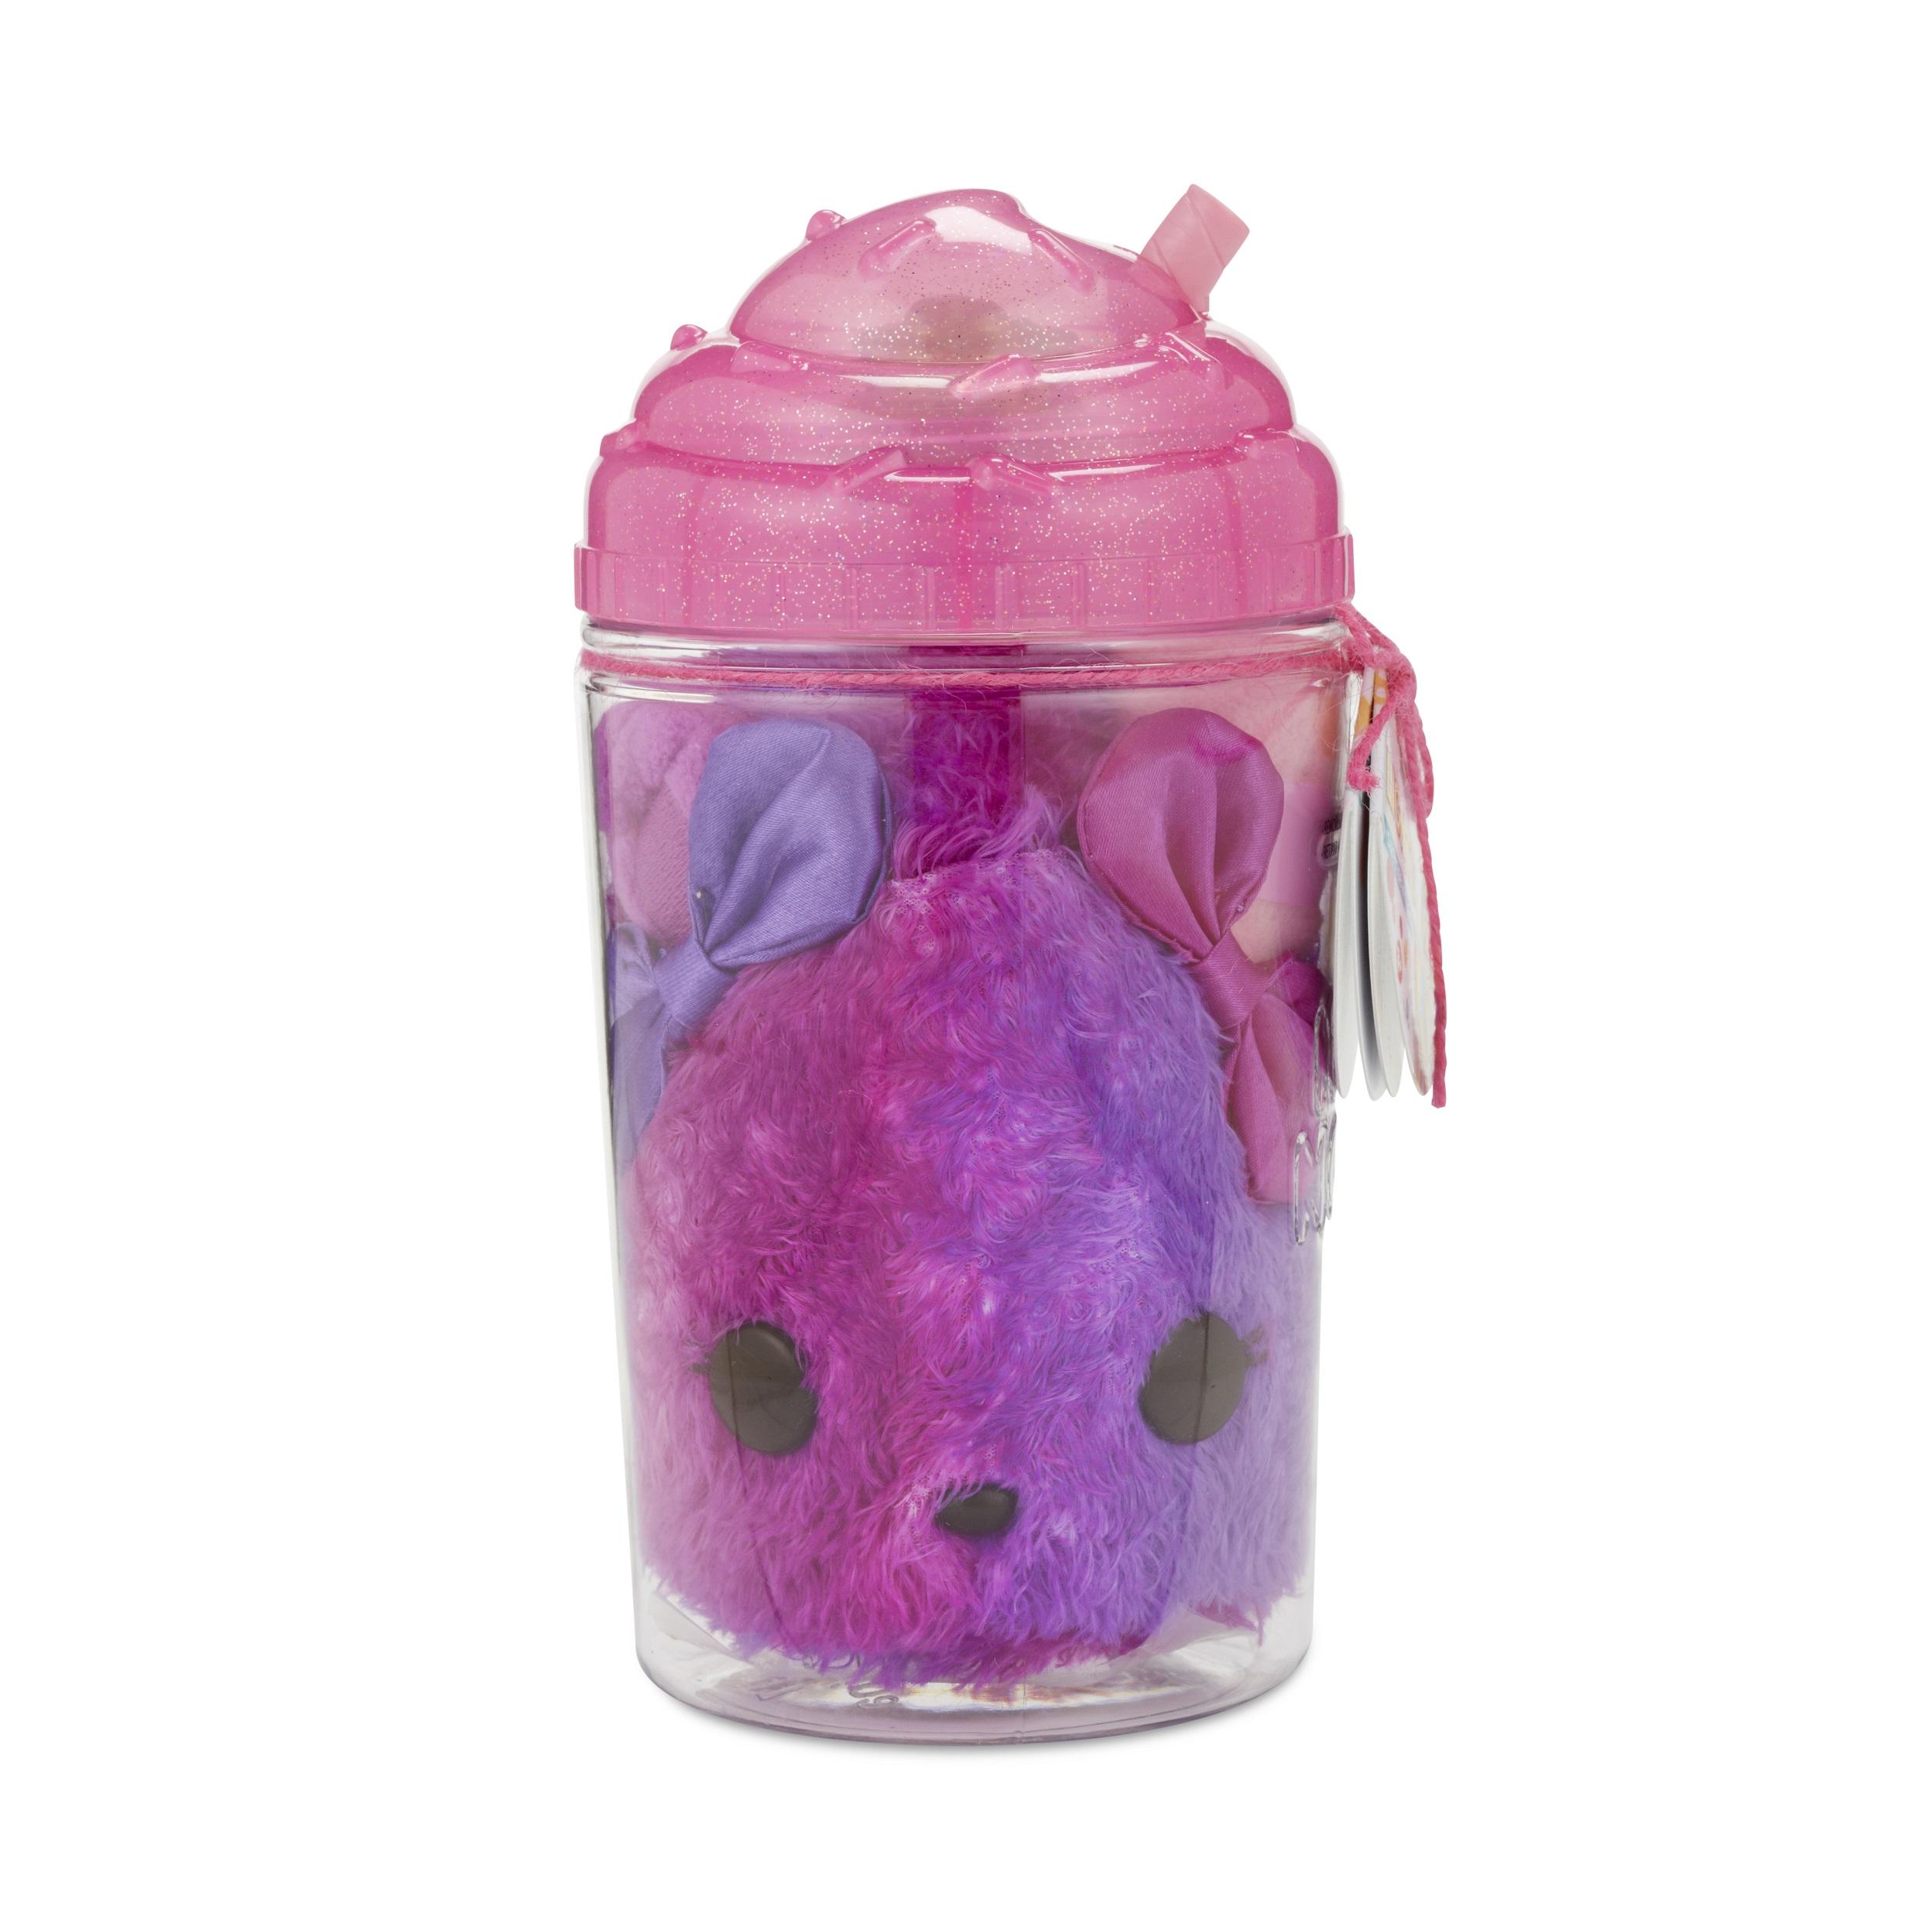 Num Noms Lights Surprise in a Jar- Gracie Grape